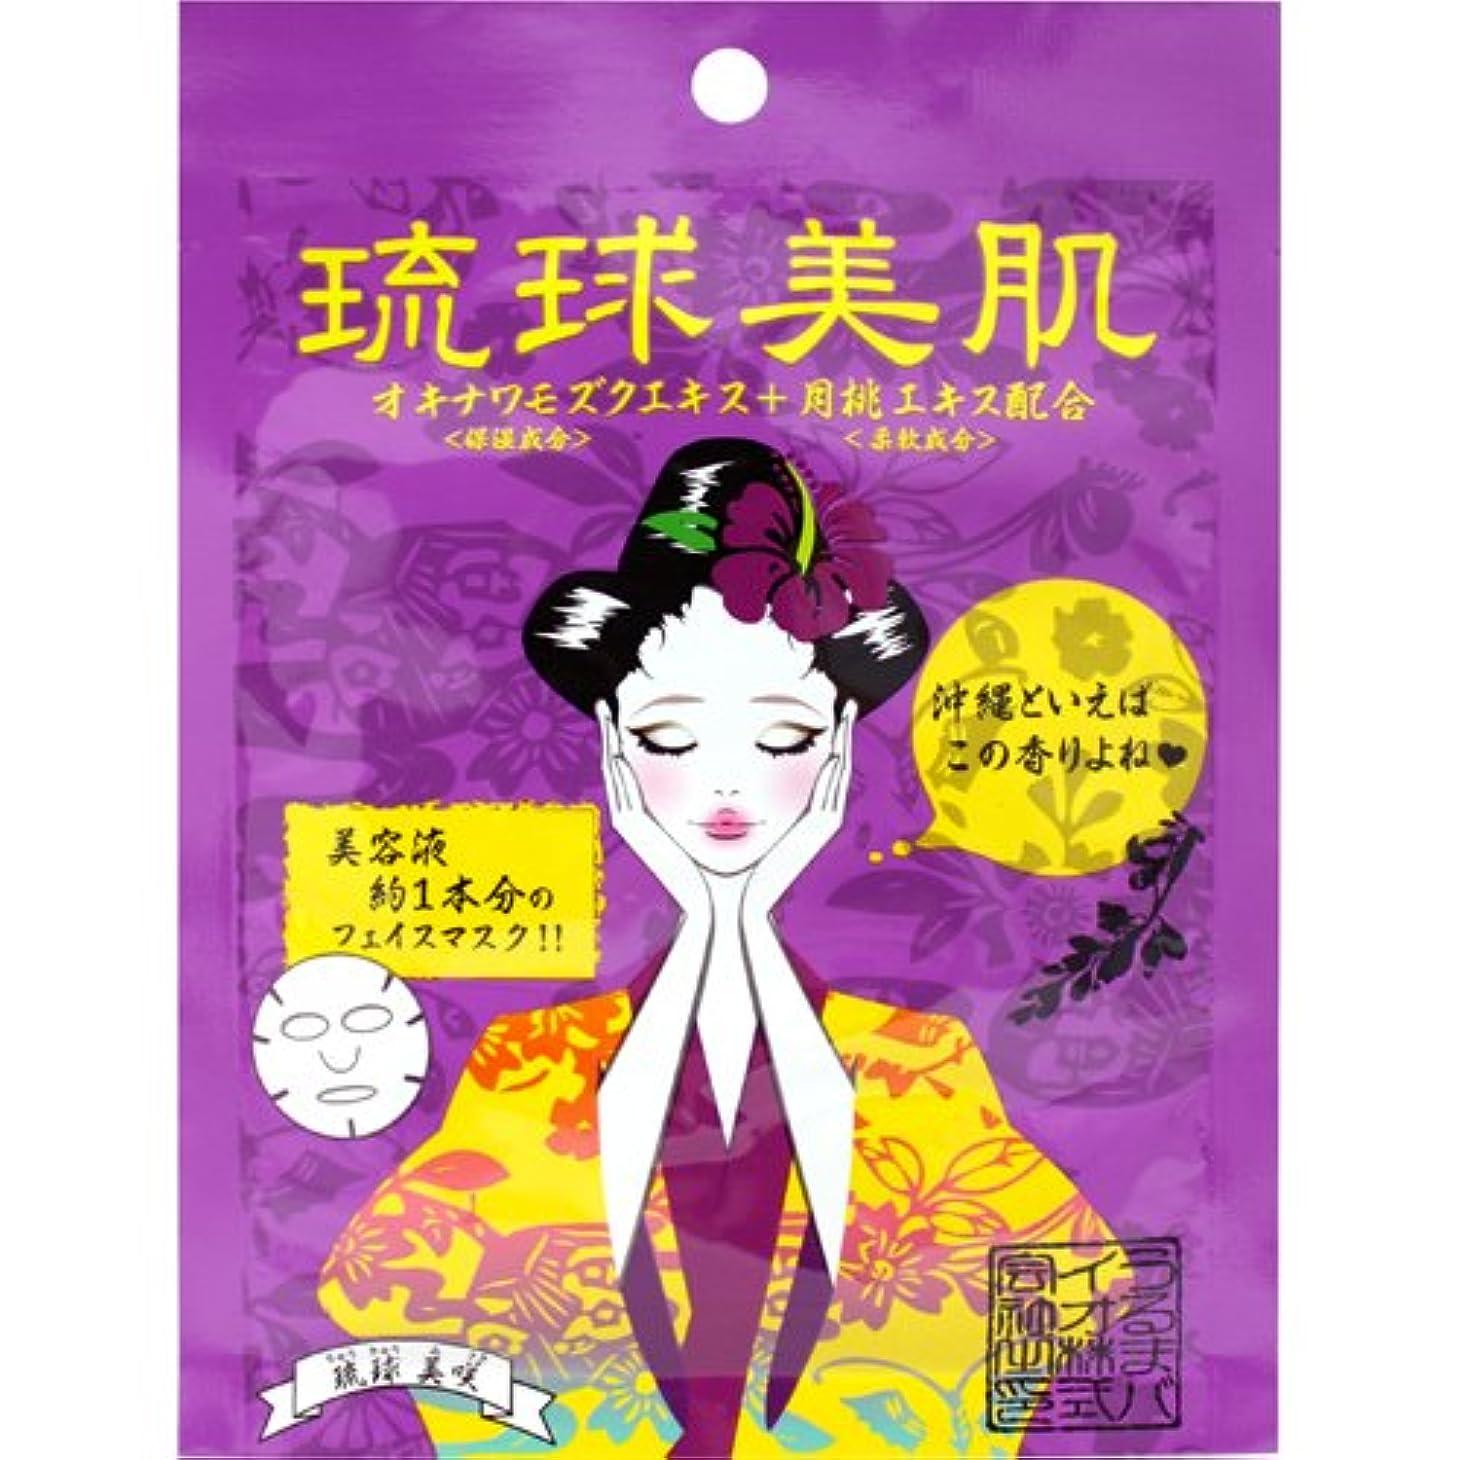 石人気鑑定琉球美肌 フェイスマスクシート 月桃の香り 10枚セット